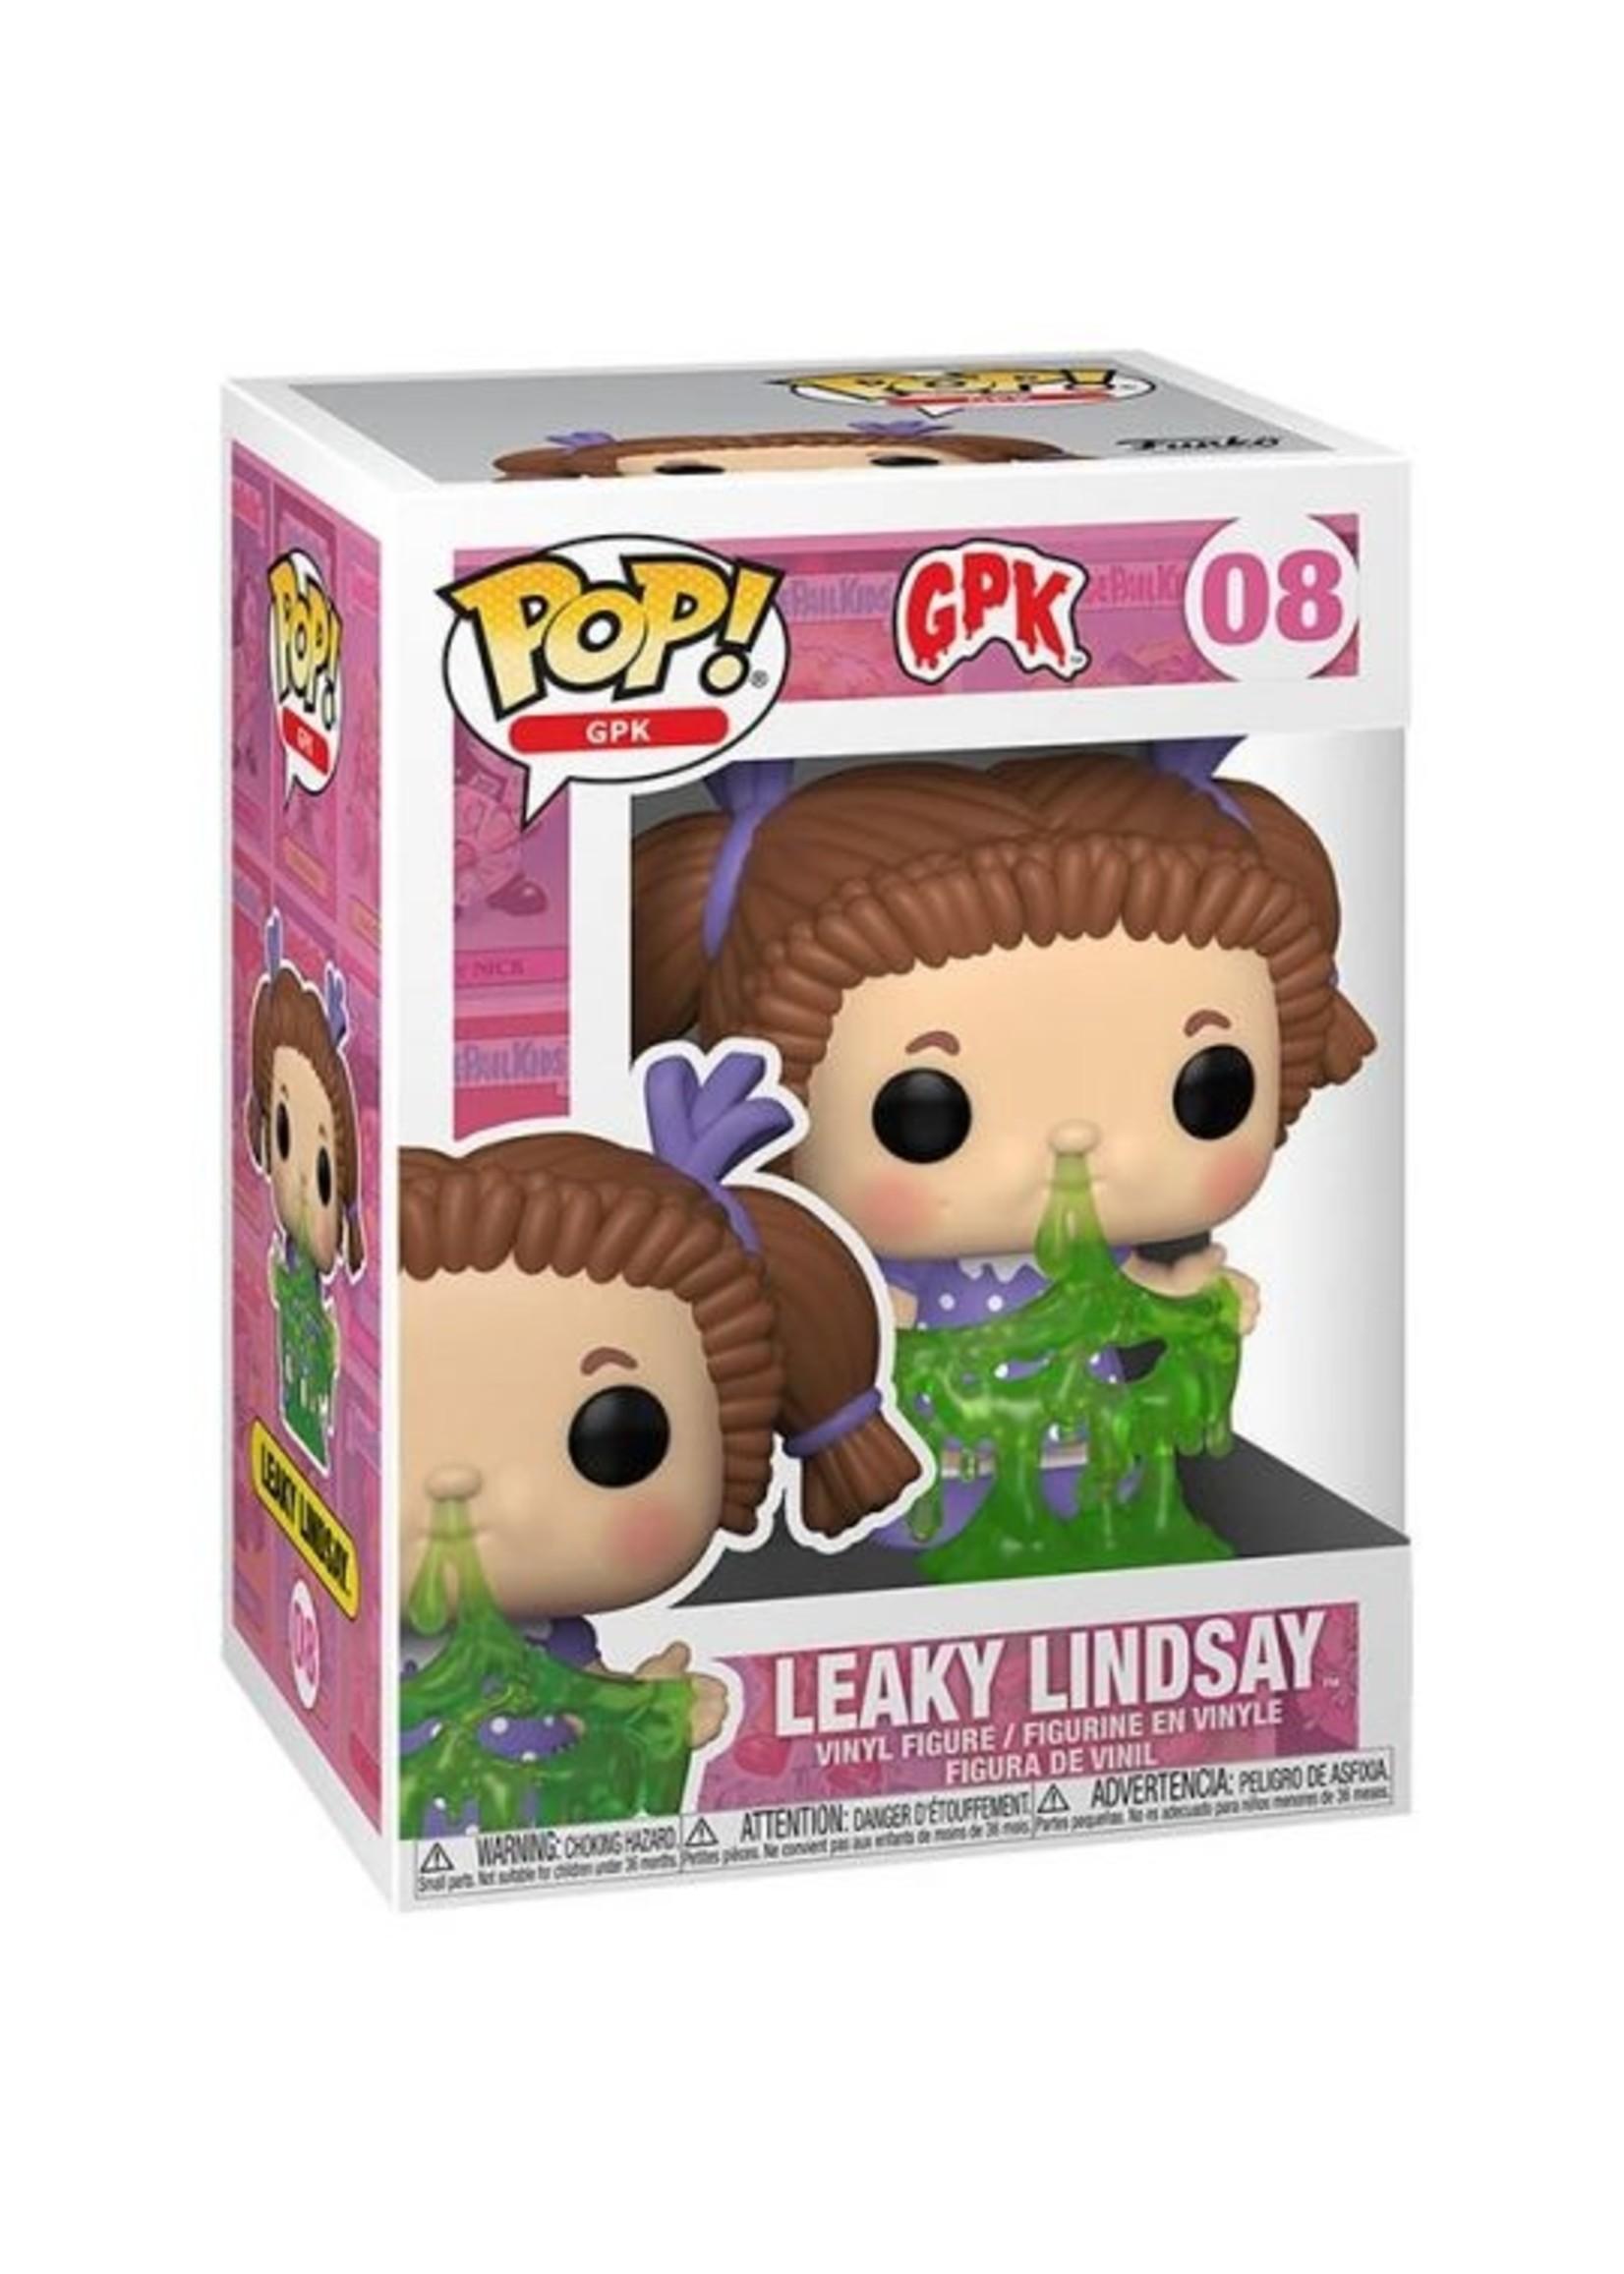 GPK Leaky Lindsay Pop